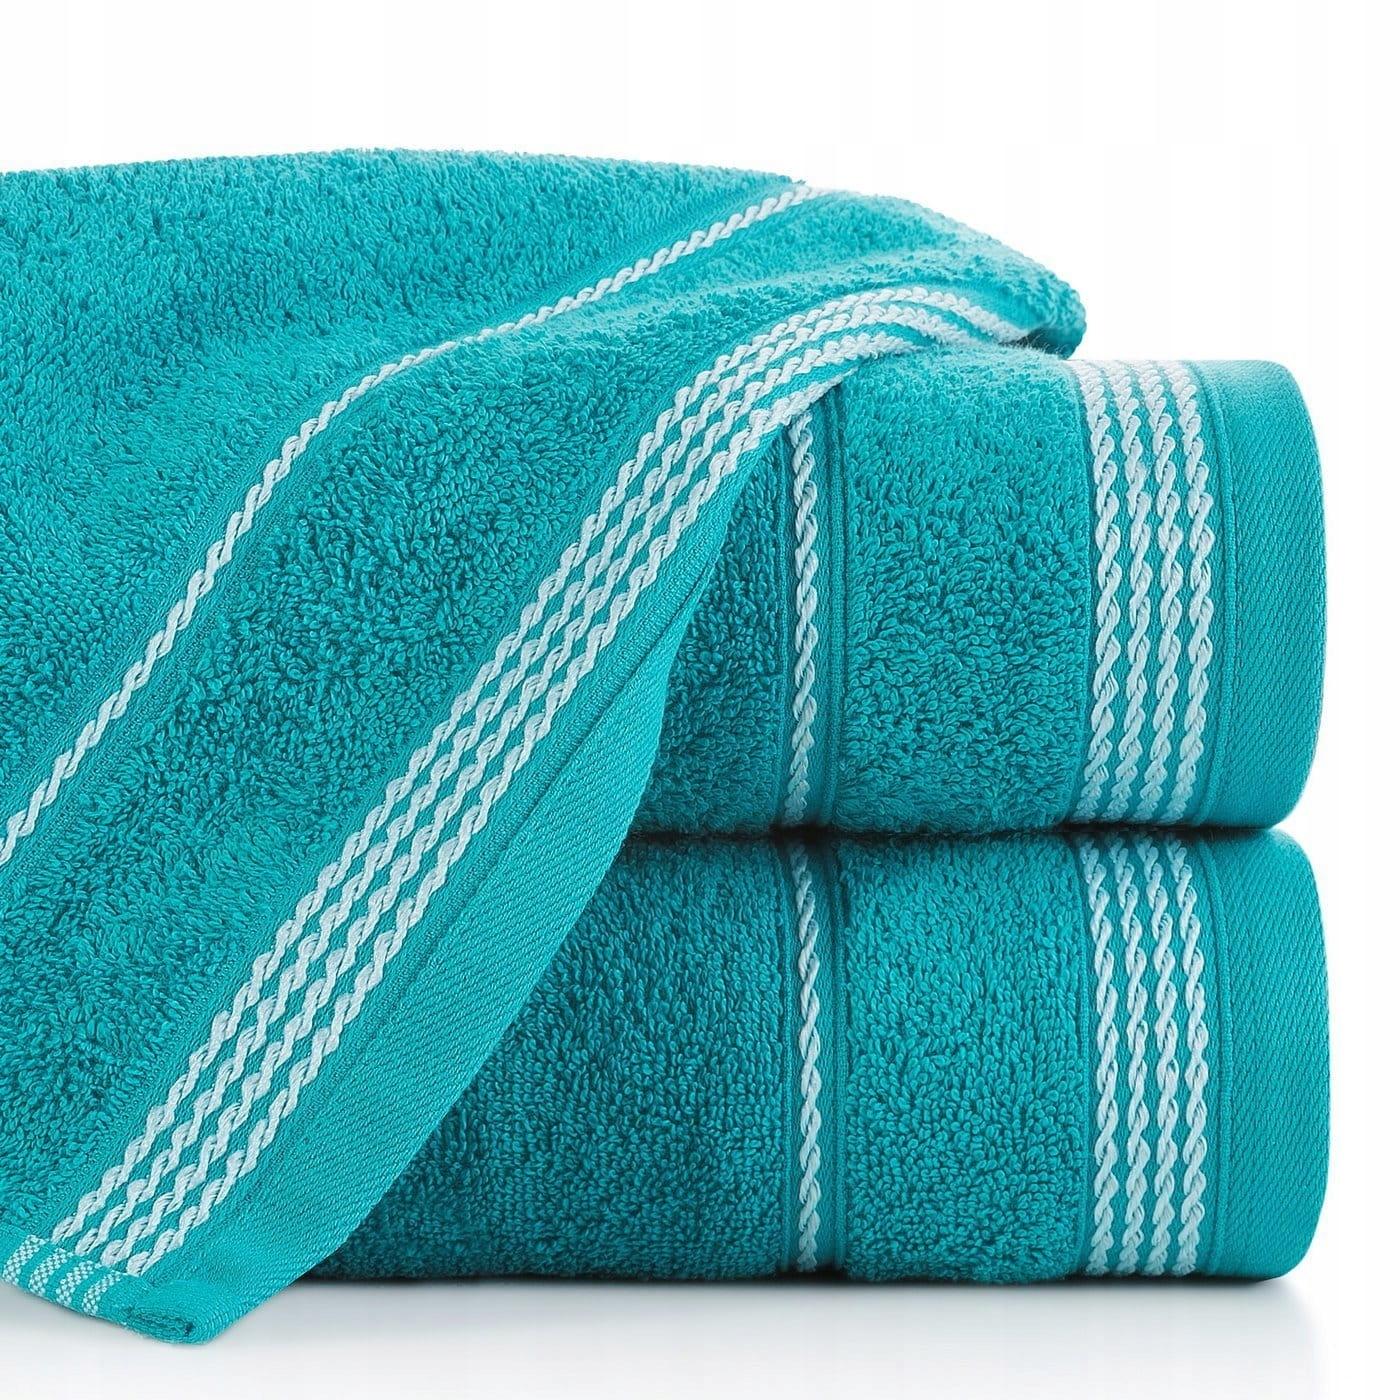 Набор комплекта банных полотенец 4 шт. Толстые